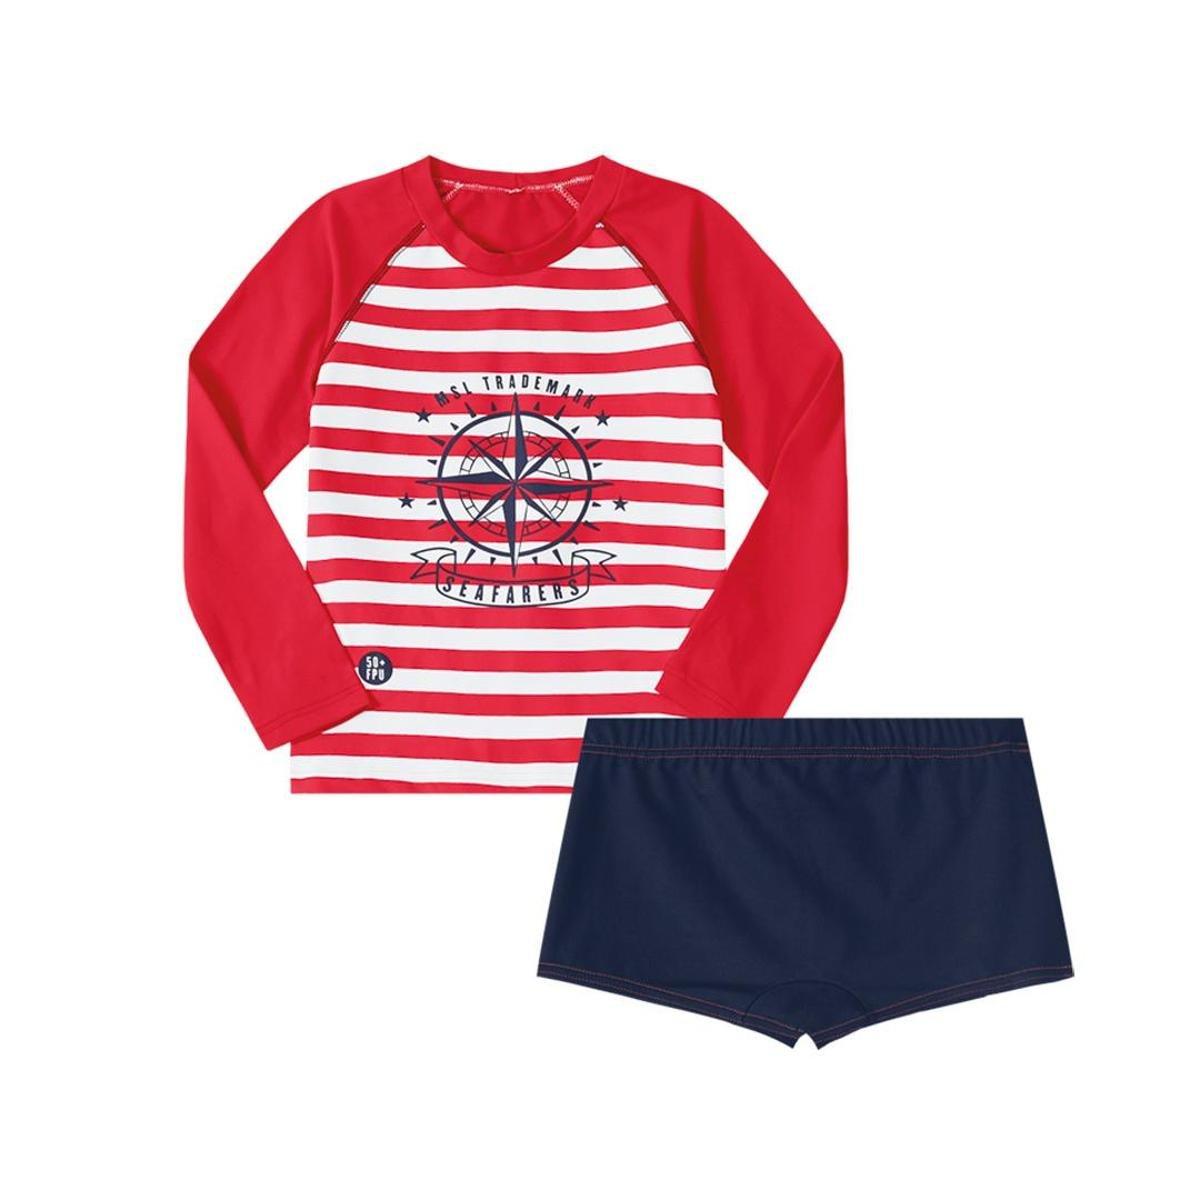 Camiseta com sunga Infantil Marisol - Compre Agora  ca73bf920bf